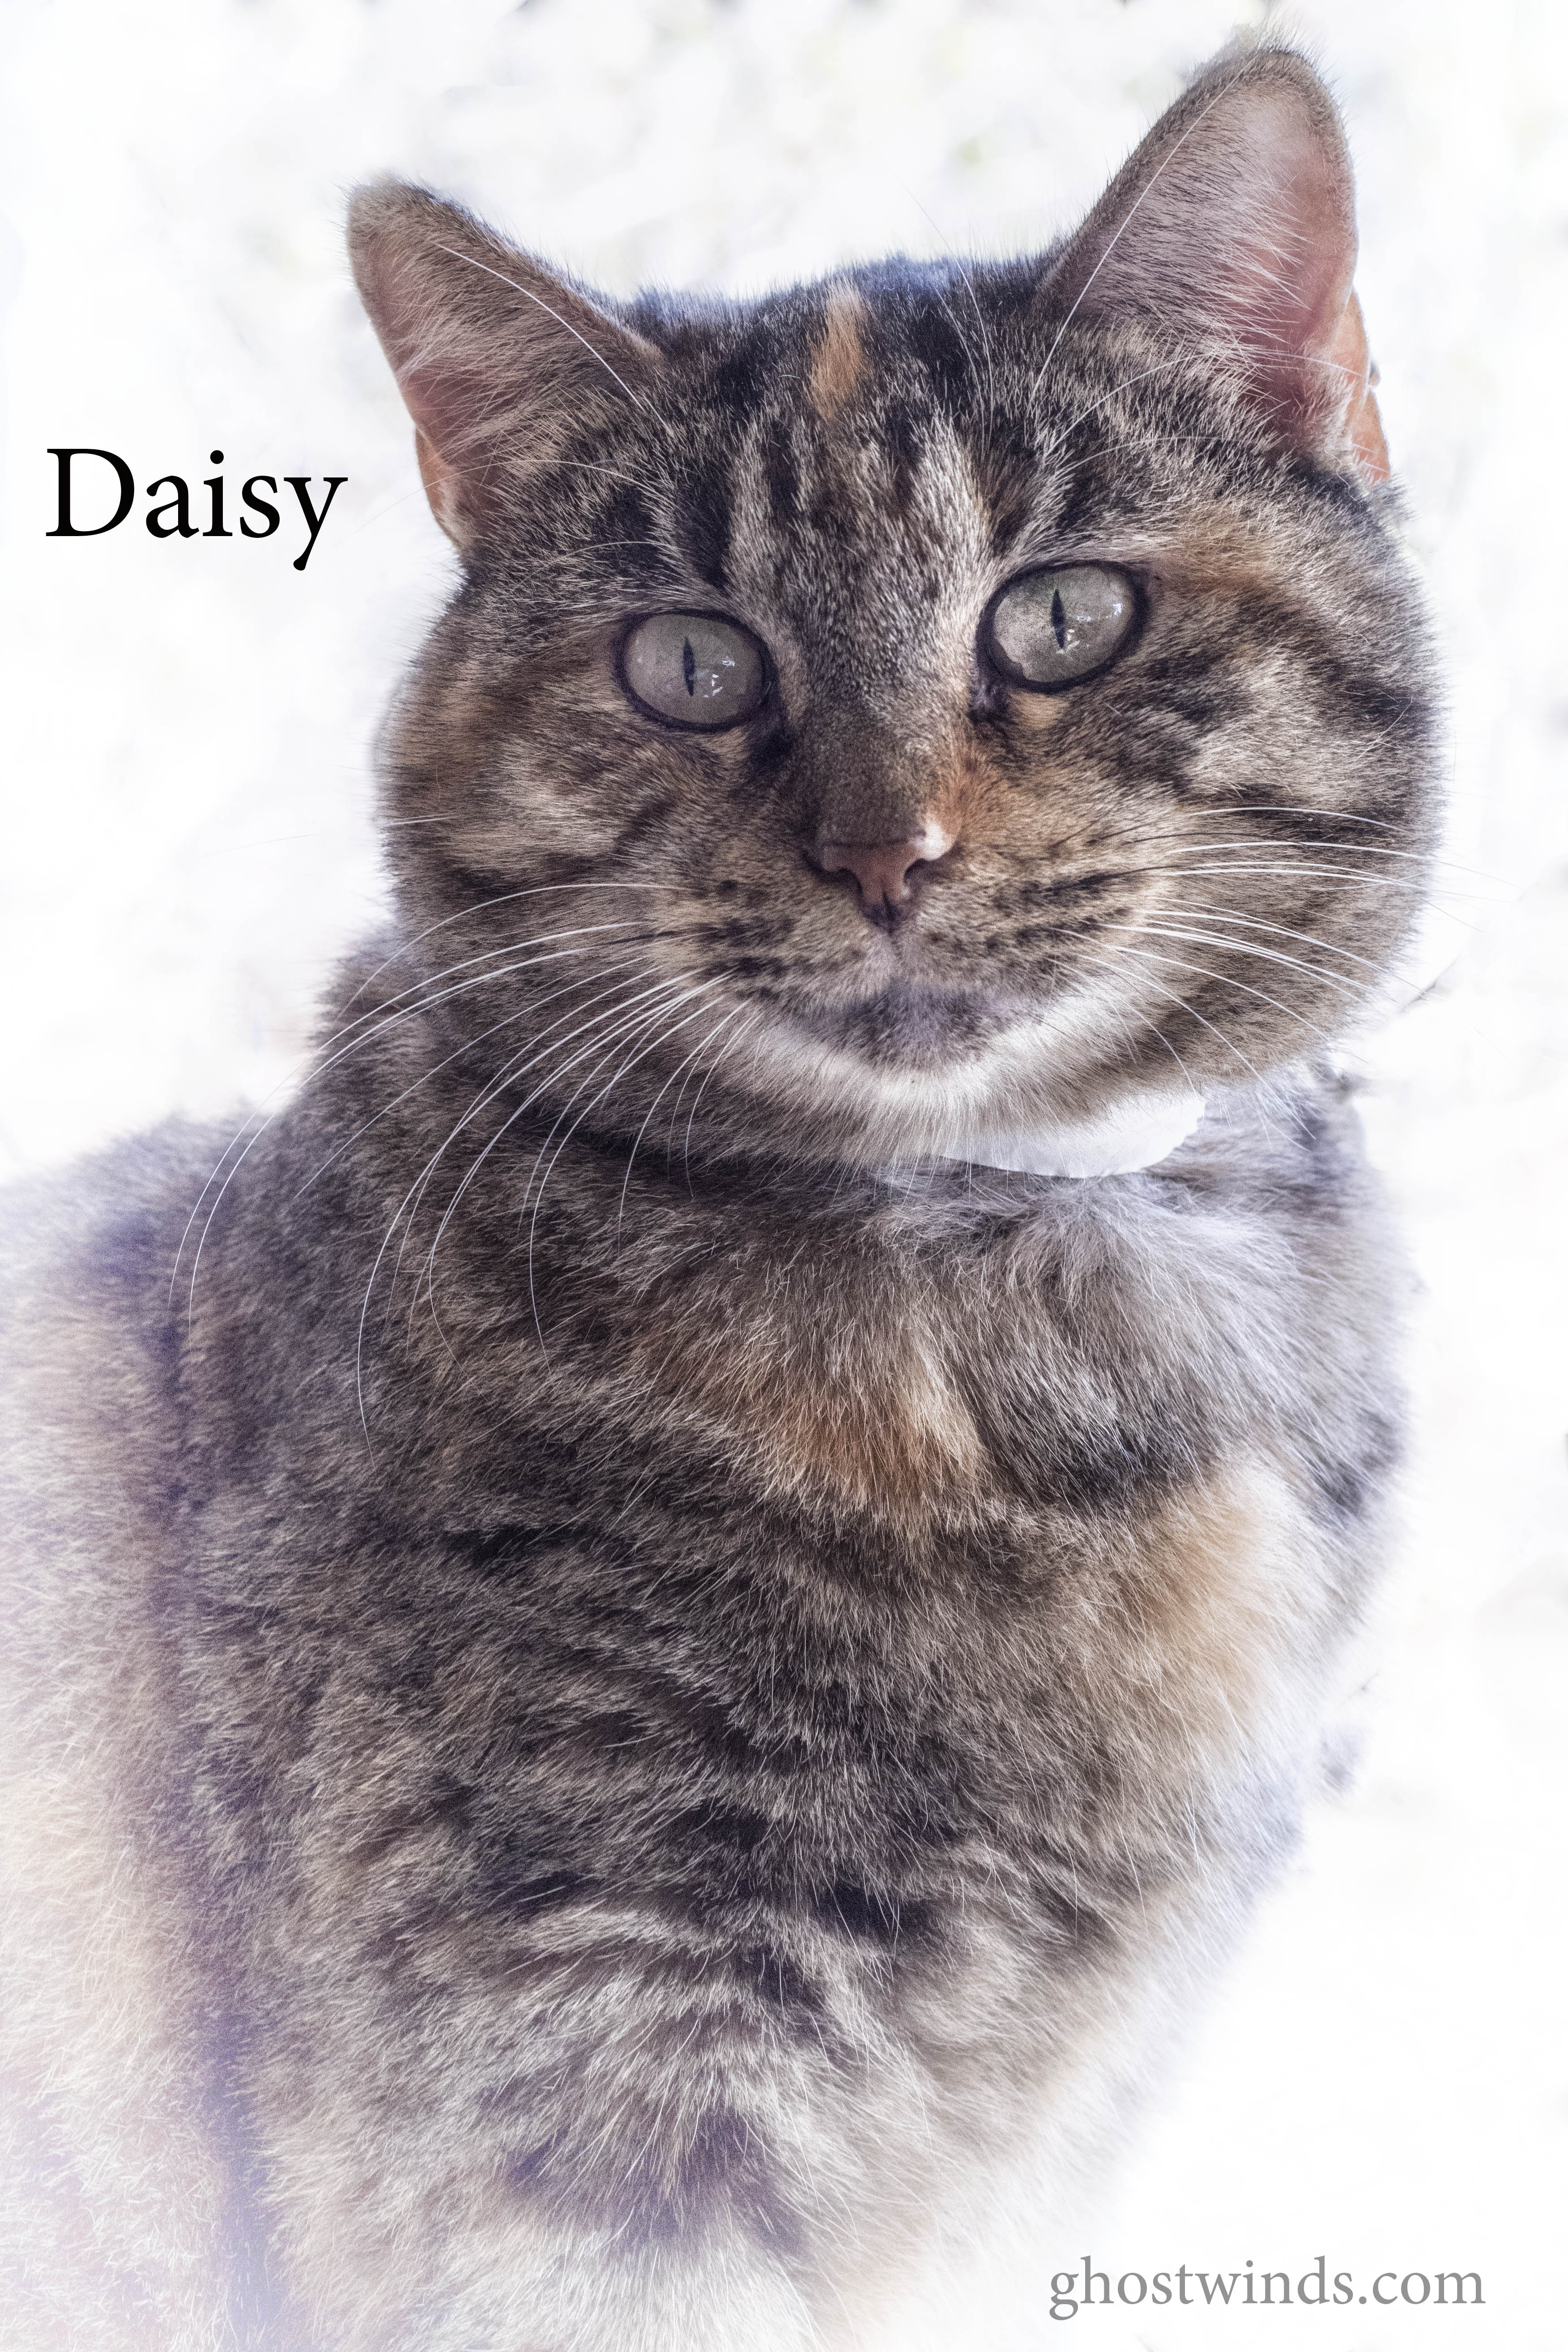 daisy3631